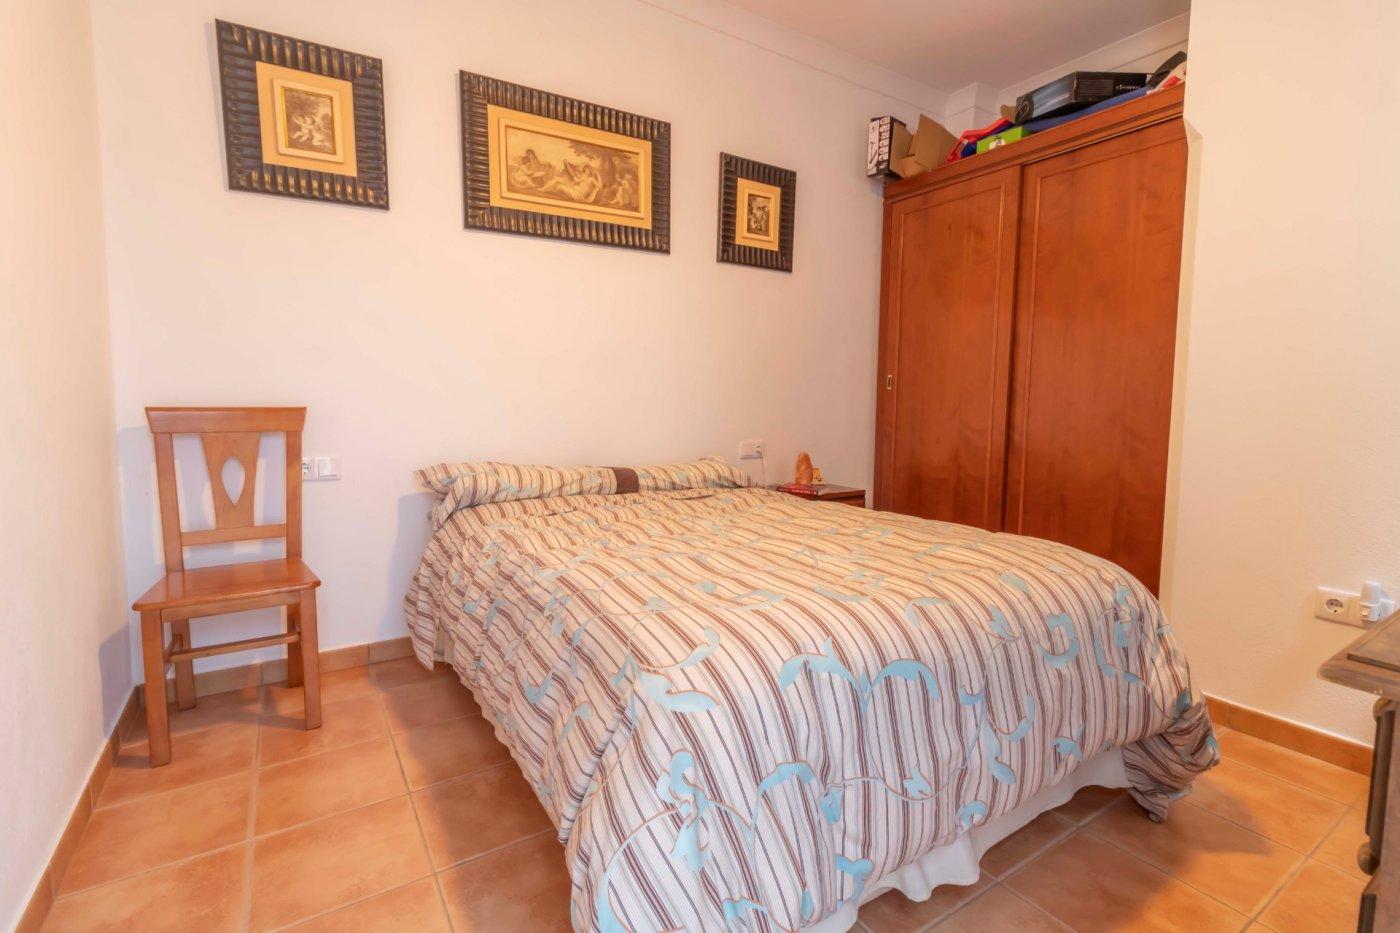 Casa de reciente construccion a la venta en carmona - imagenInmueble21